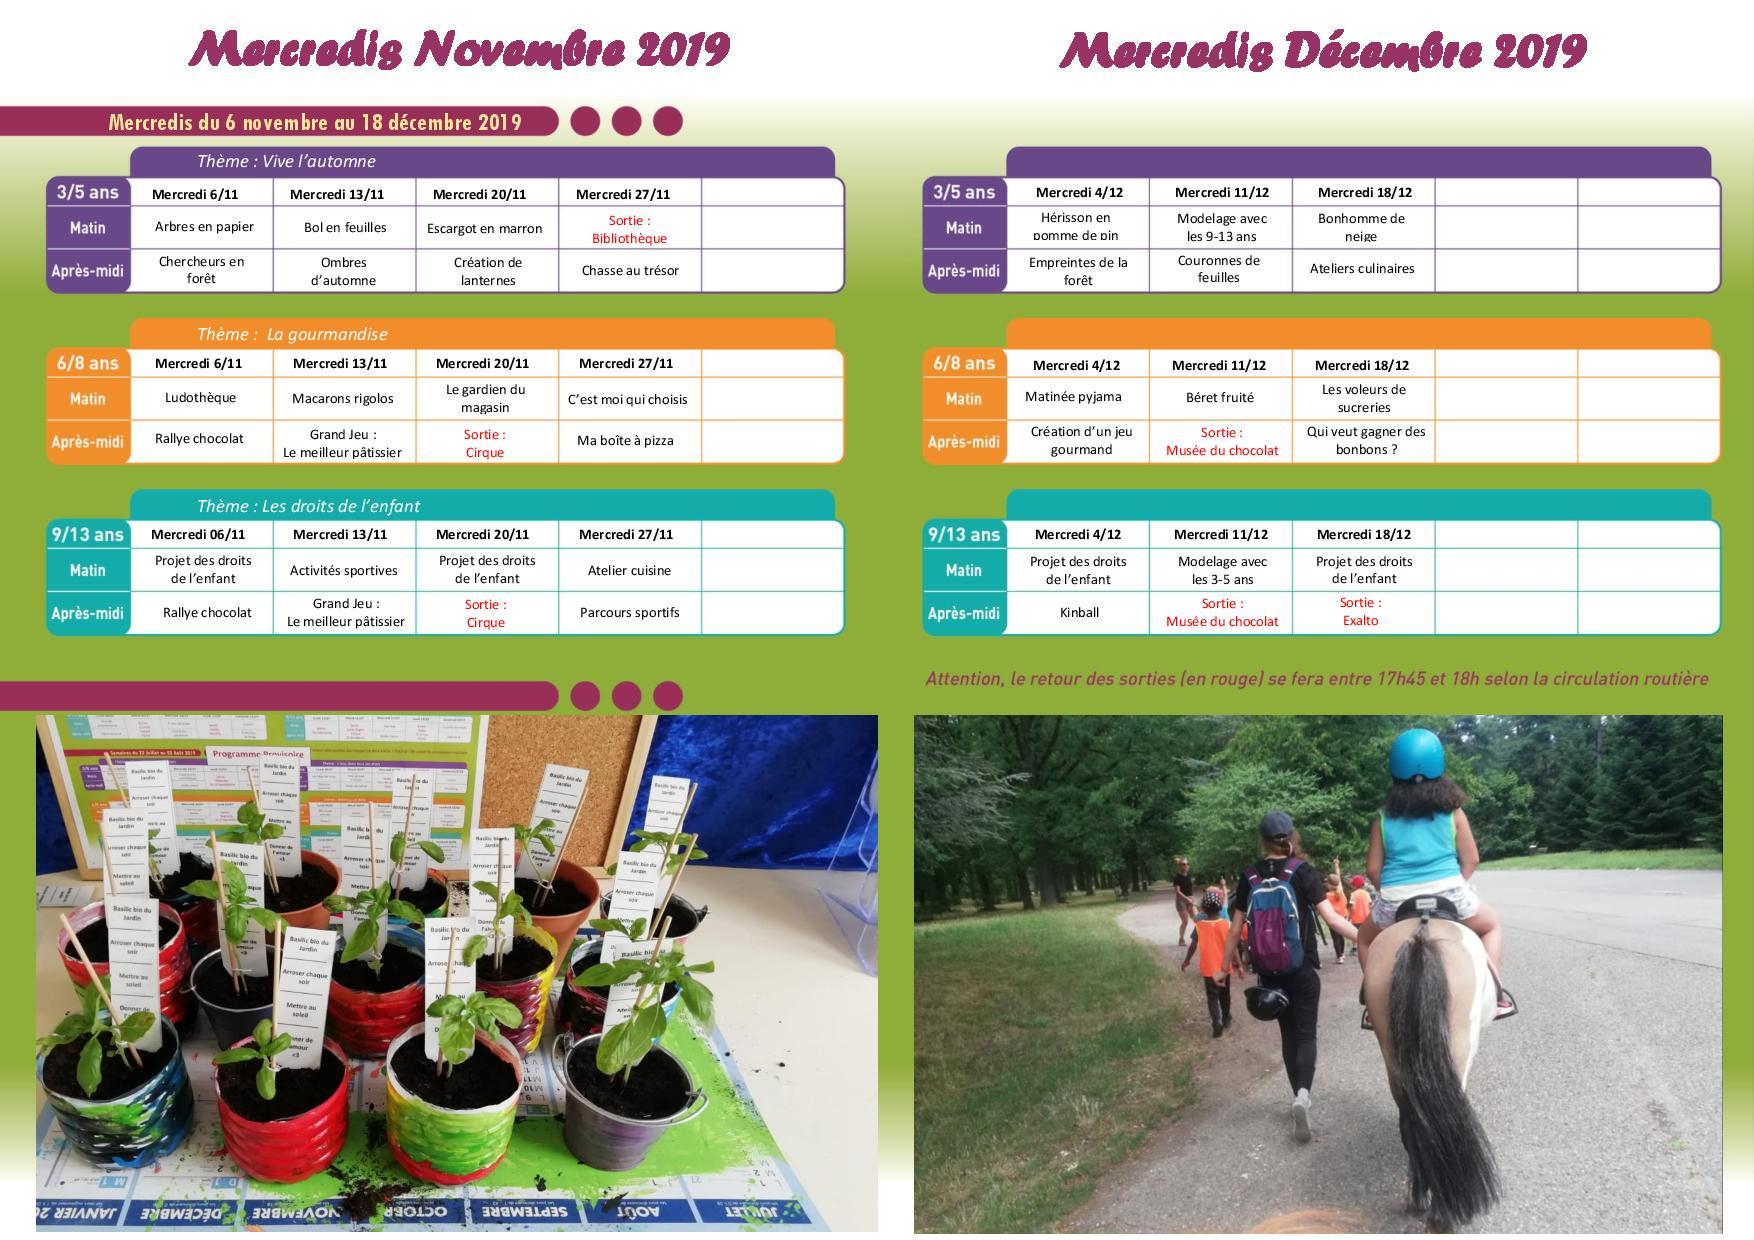 Programme des accueils de loisirs du mercredi 6 novembre au mercredi 18 décembre